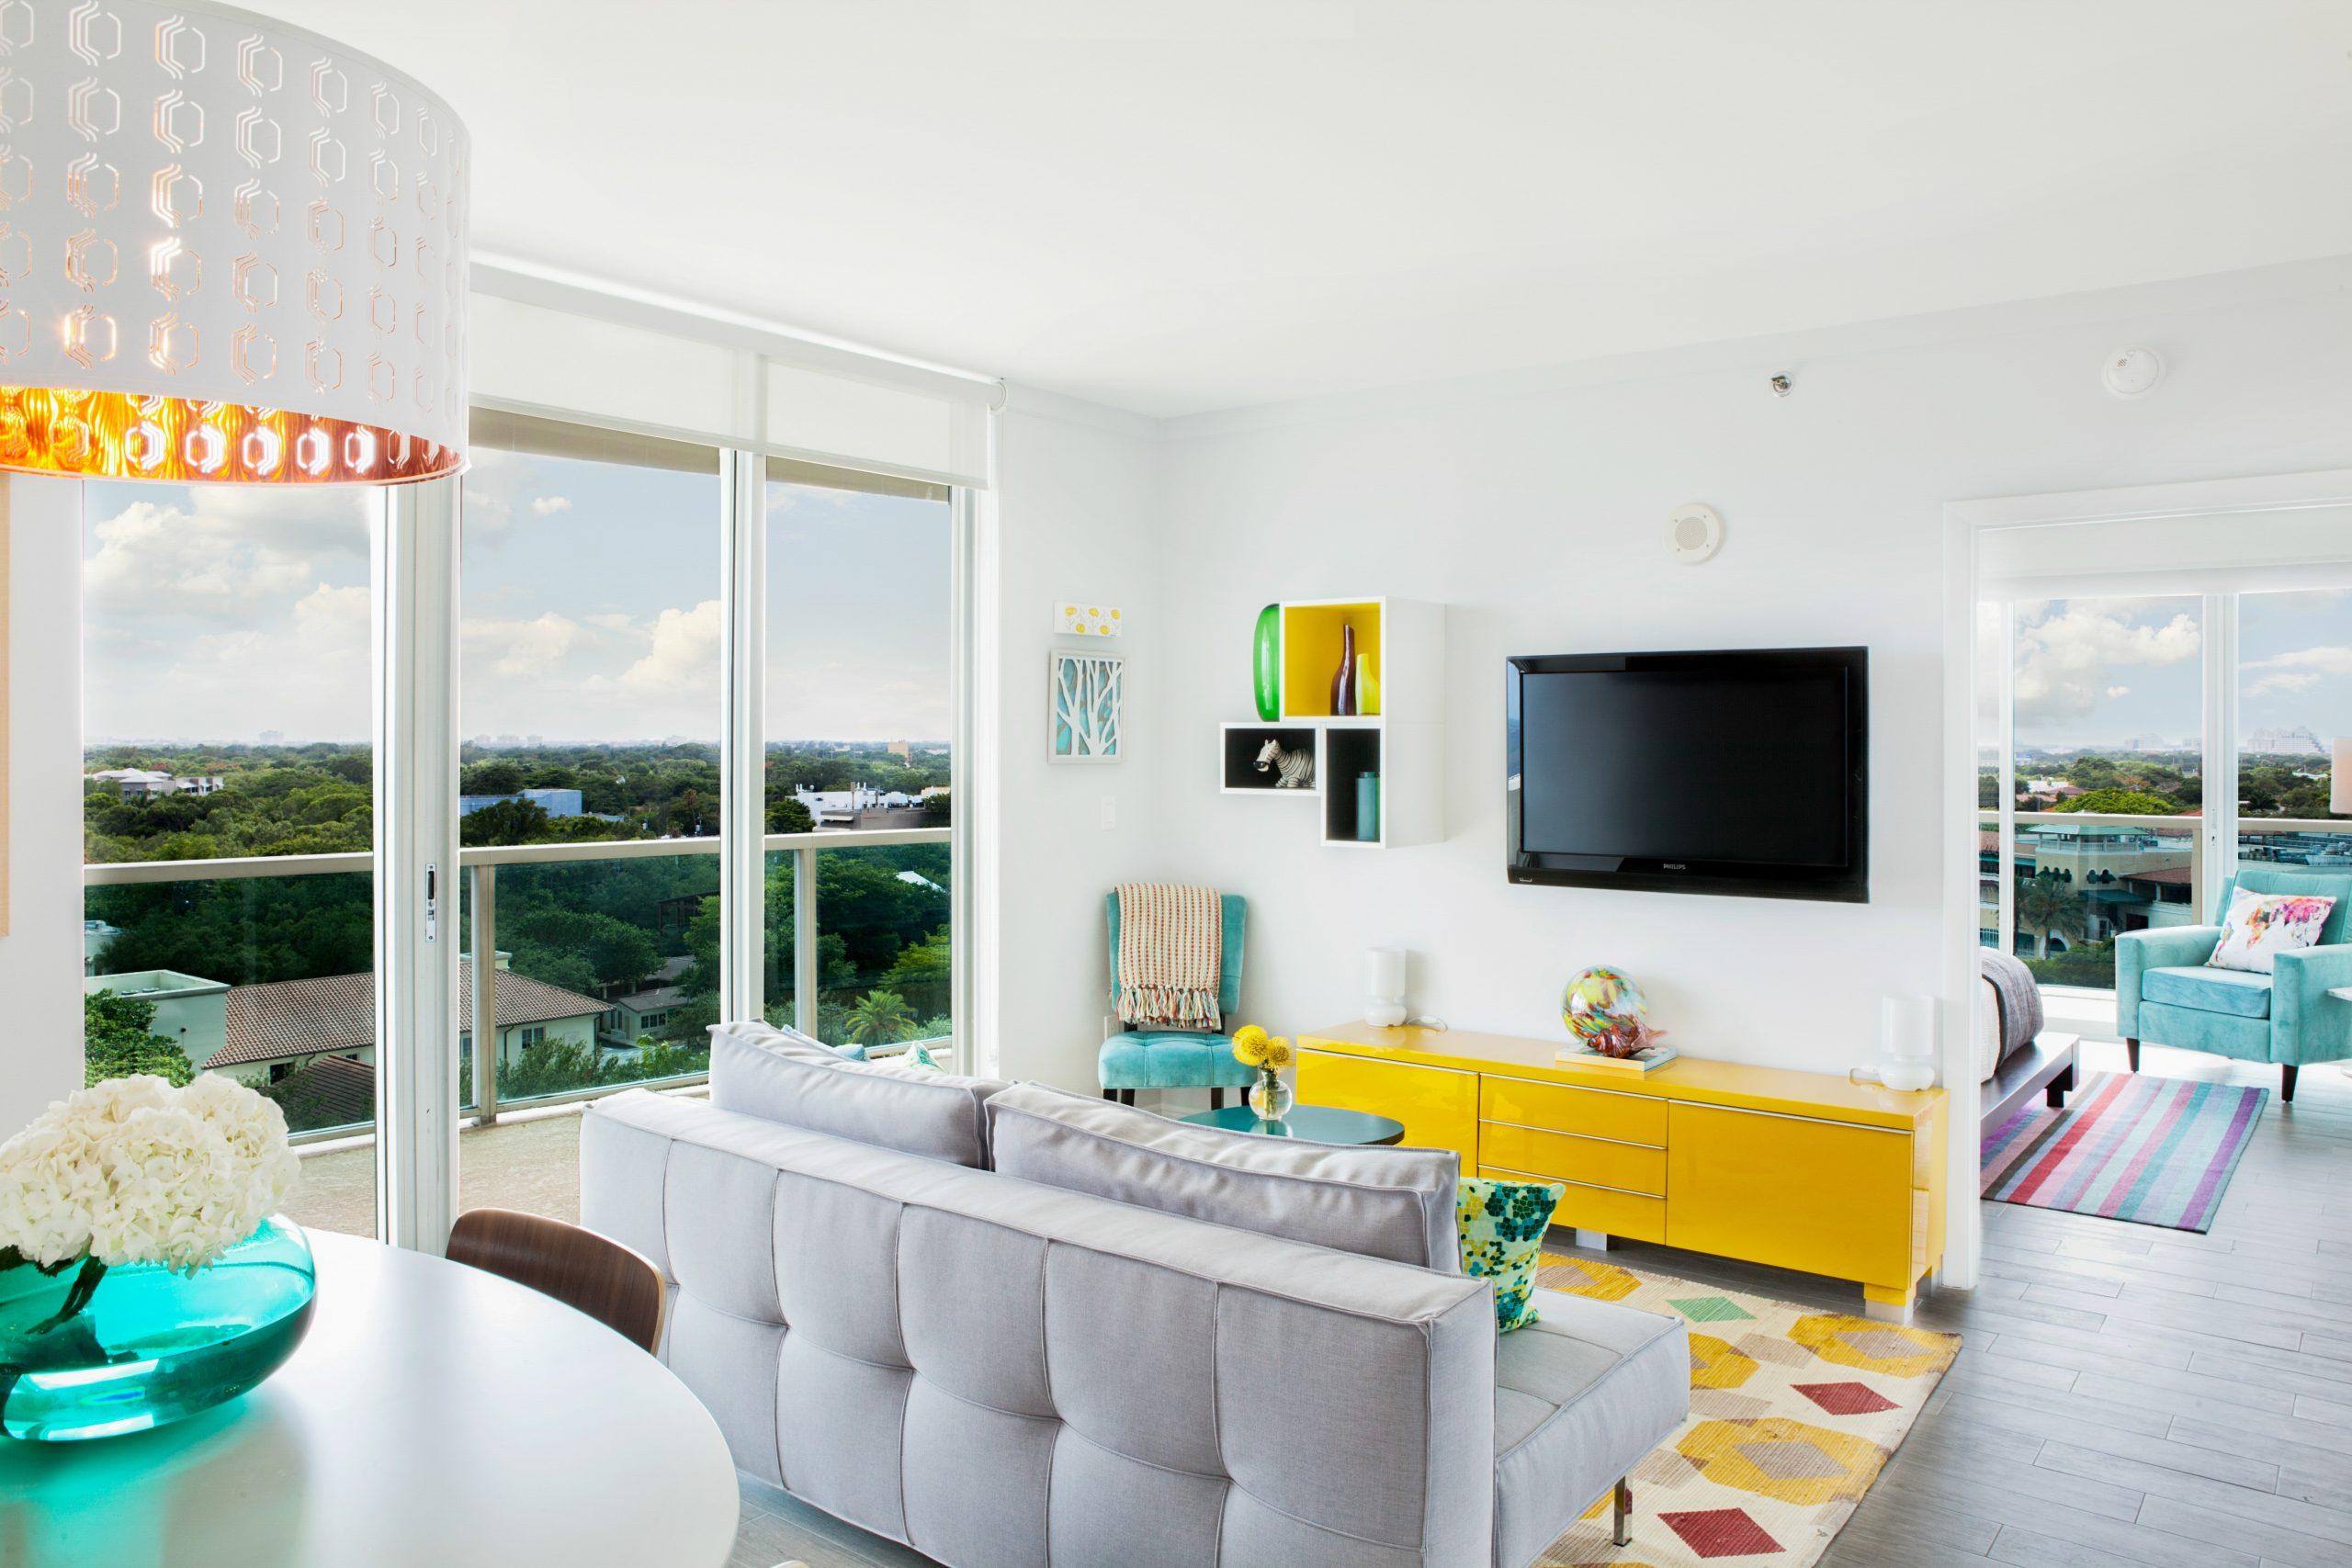 Na foto uma sala de estar com uma janela grande e um móvel amarelo.